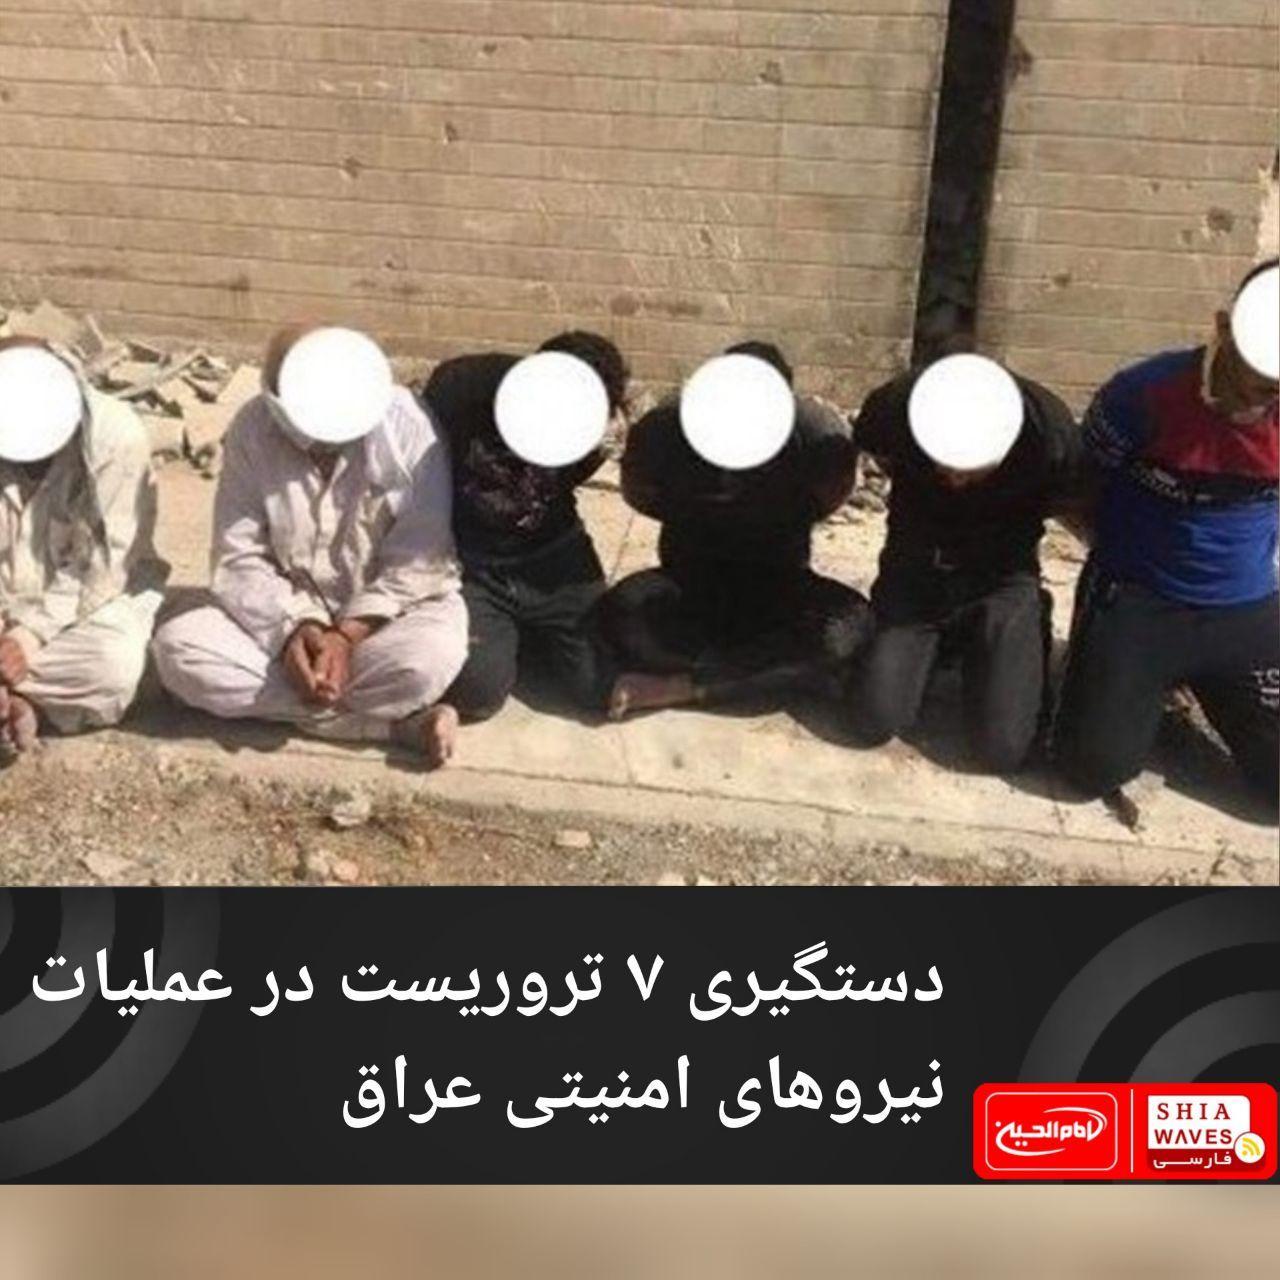 تصویر دستگیری ۷ تروریست در عملیات نیروهای امنیتی عراق